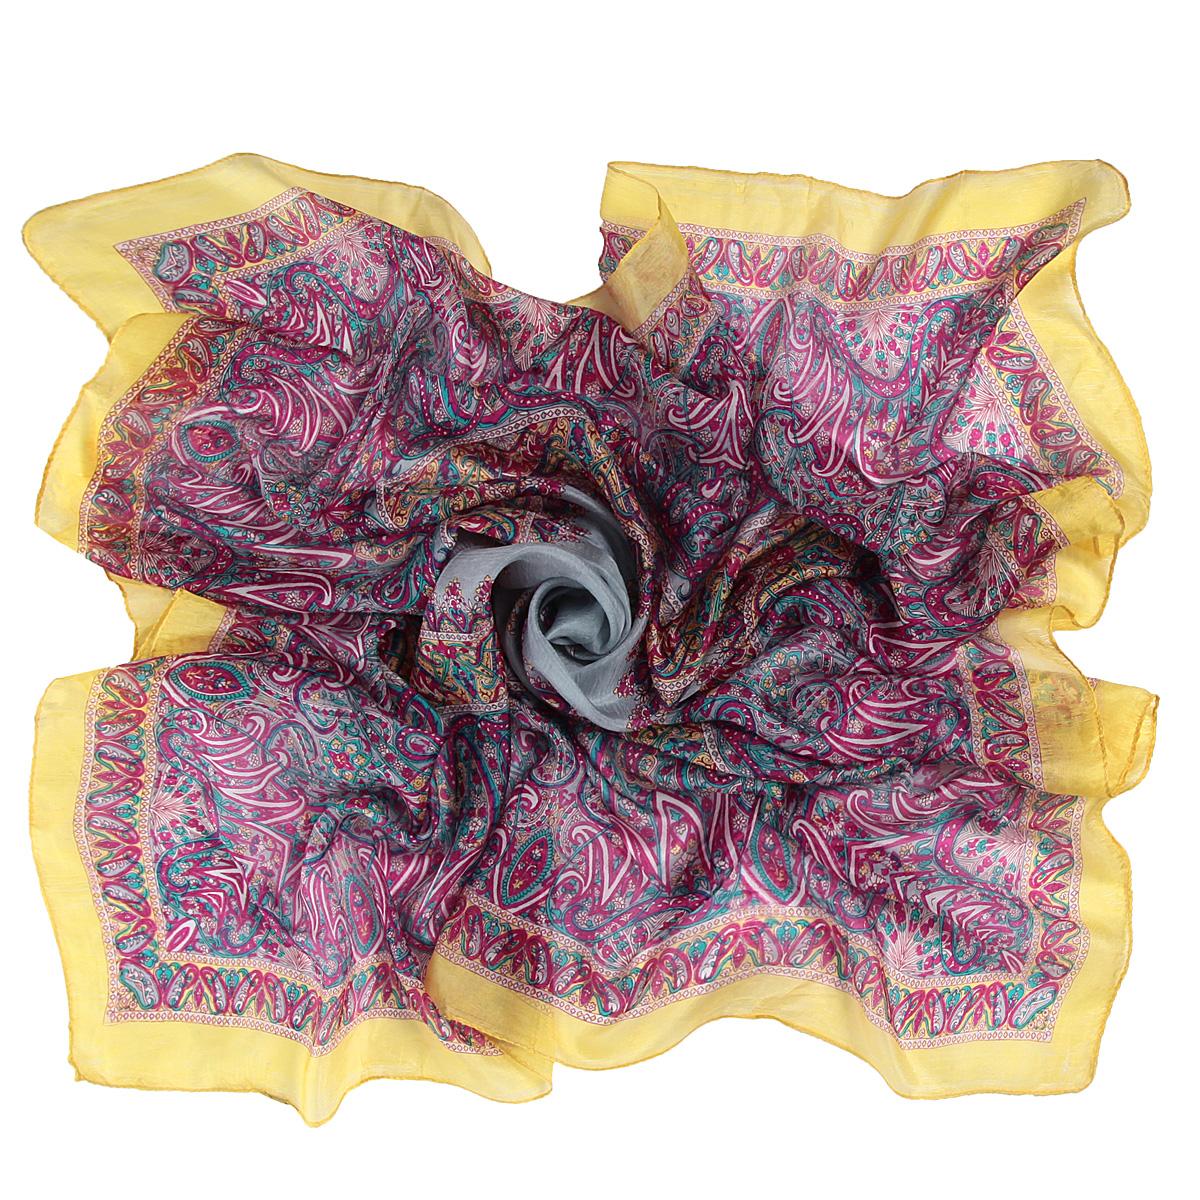 Платок женский. 494135н494135нЭлегантный платок от Ethnica внесет изысканные нотки в ваш образ. Модель выполнена из чистого шелка и декорирована изумительным орнаментом и однотонной окантовкой. Края платка оформлены лаконичной прострочкой. Этот модный аксессуар женского гардероба гармонично дополнит образ современной женщины, следящей за своим имиджем и стремящейся всегда оставаться стильной и женственной.